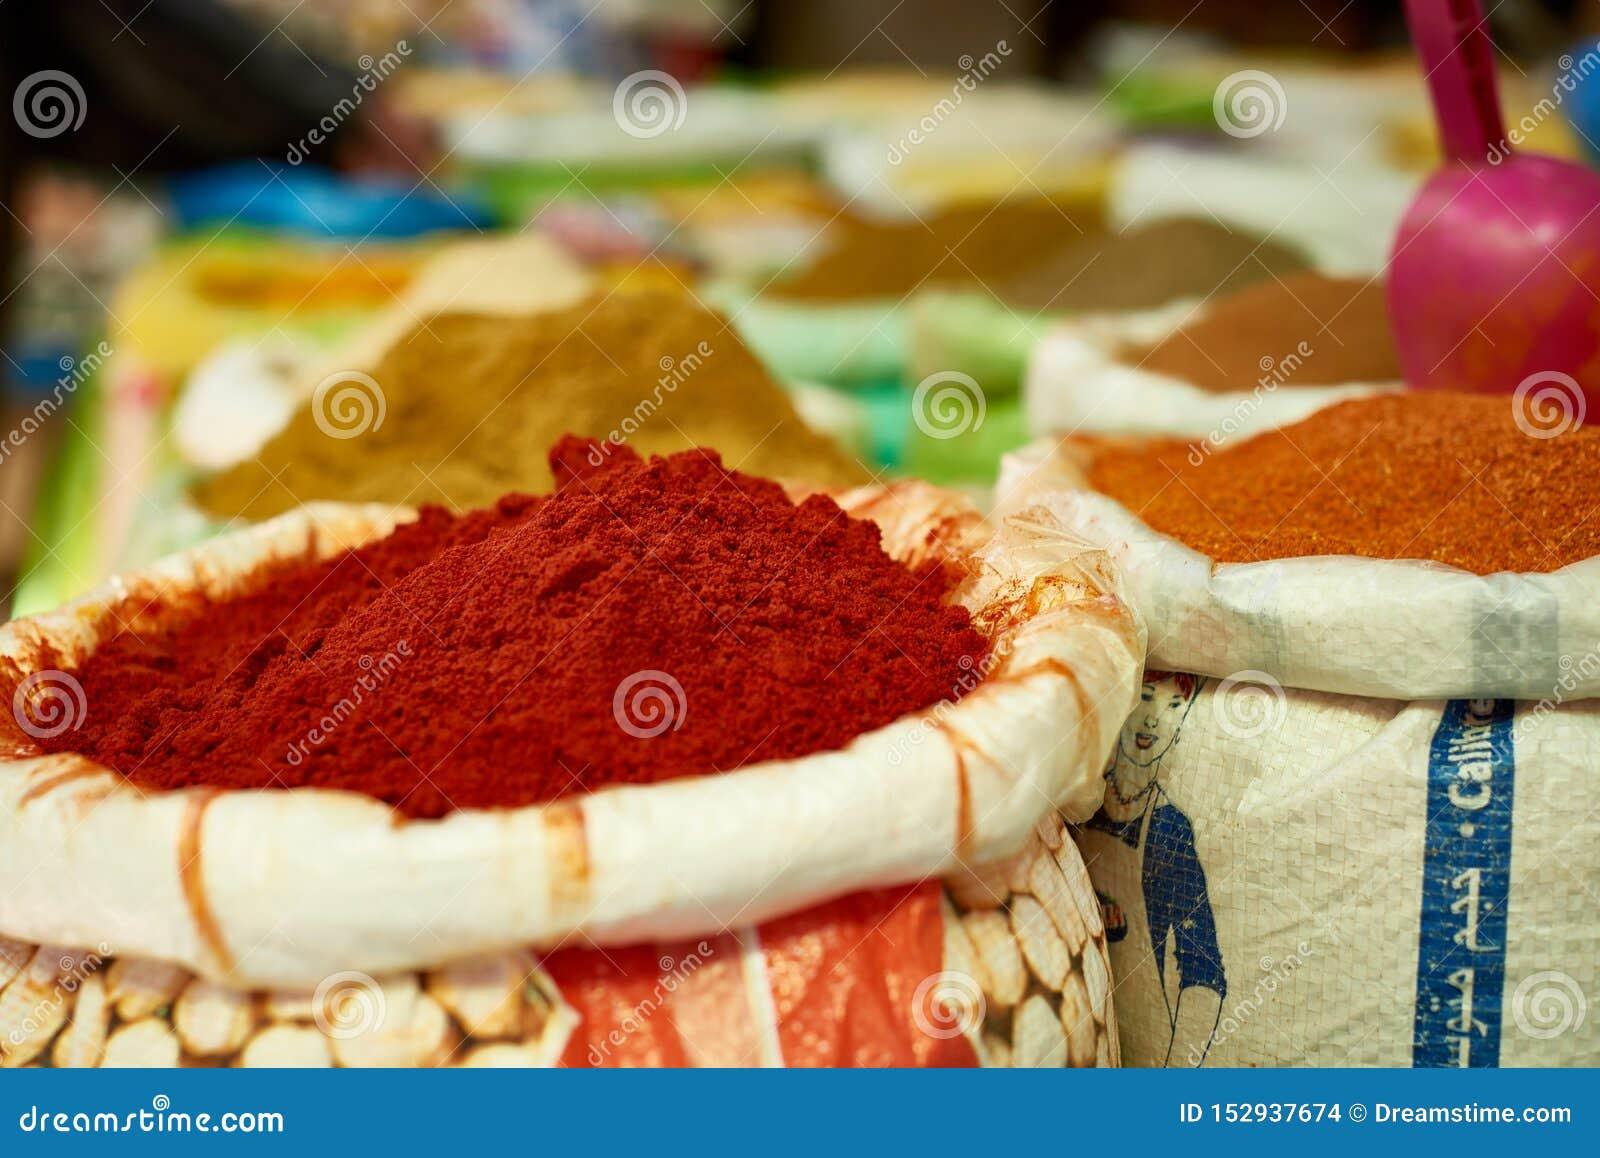 Voedsel en kruiden voor verkoop bij de straatbazaar in Medina